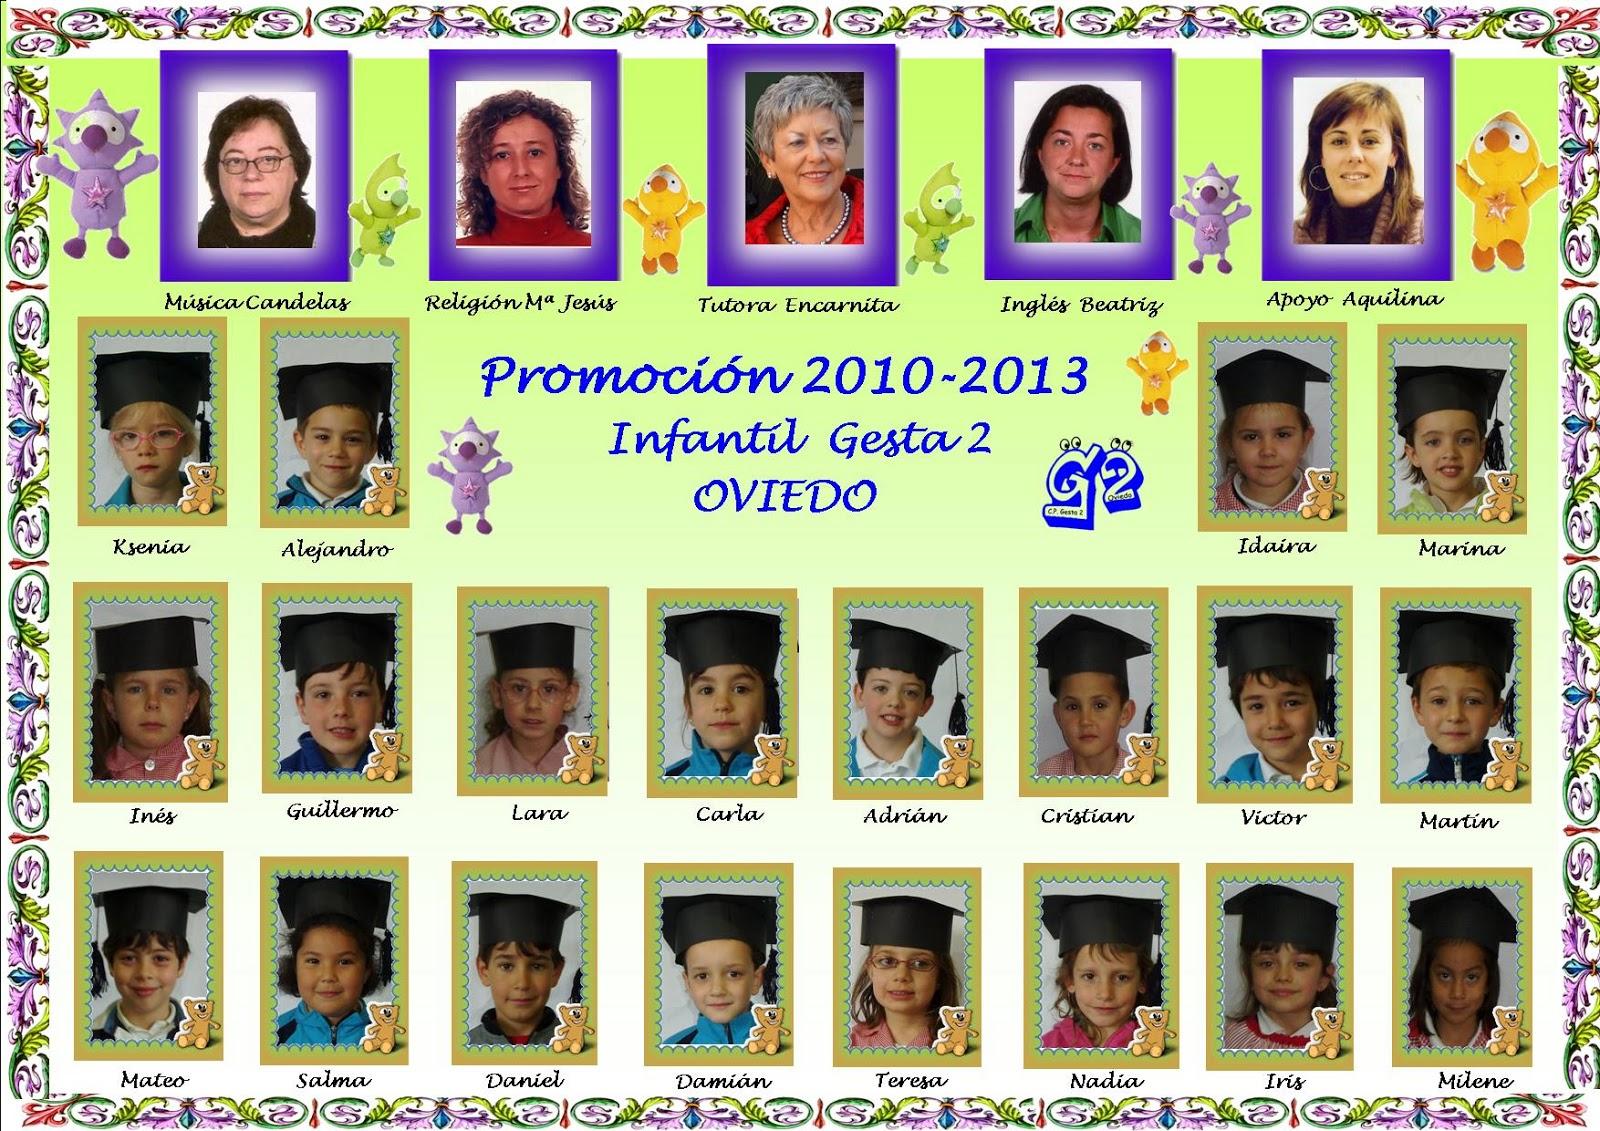 Infantil gesta2 5 a os for Valla infantil carrefour